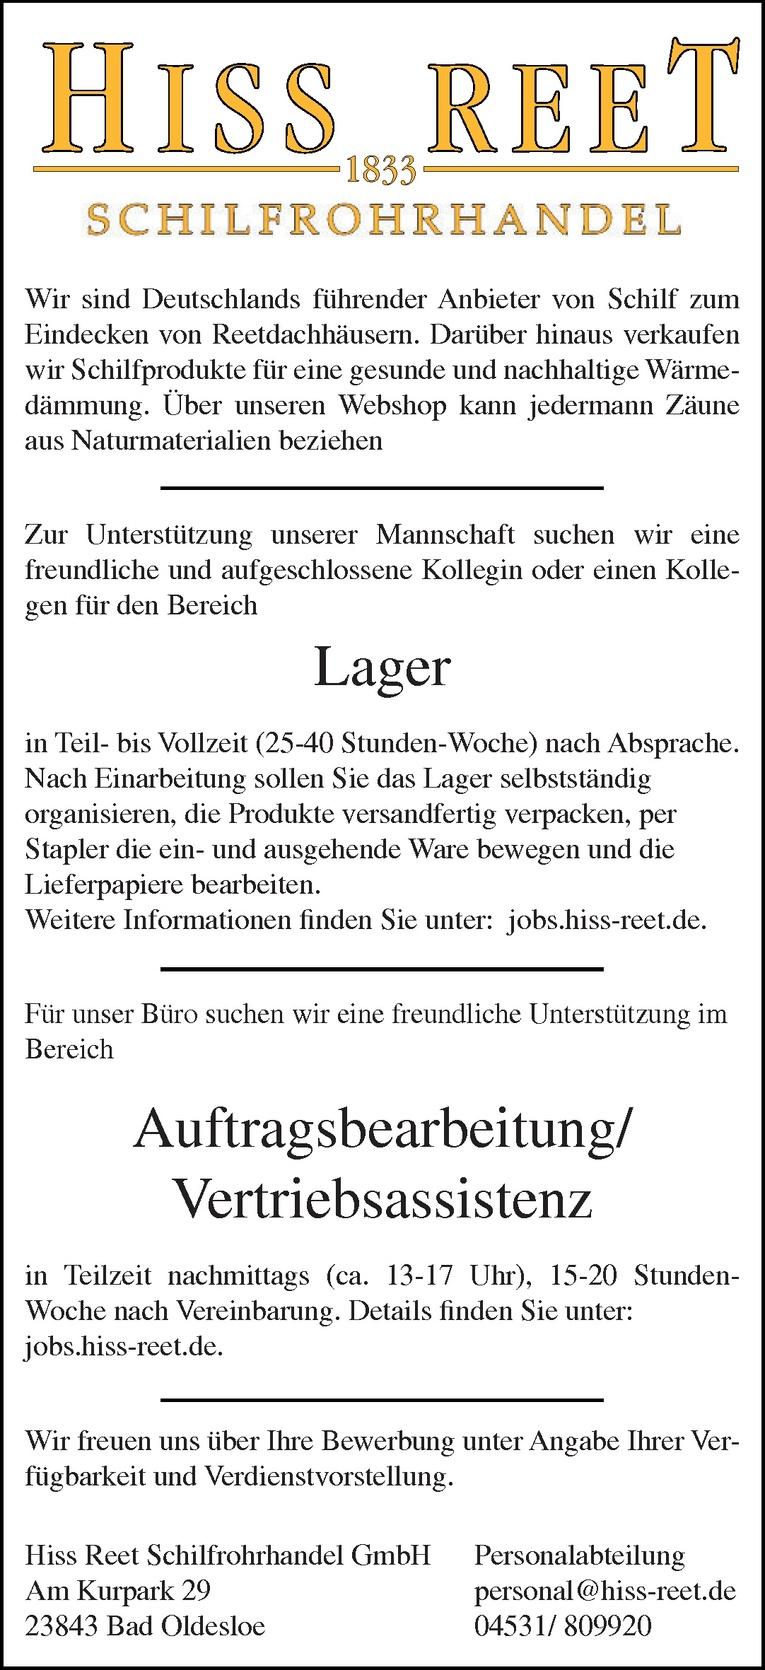 Mitarbeiter Auftragsbearbeitung/Vertriebsassistenz (m/w)